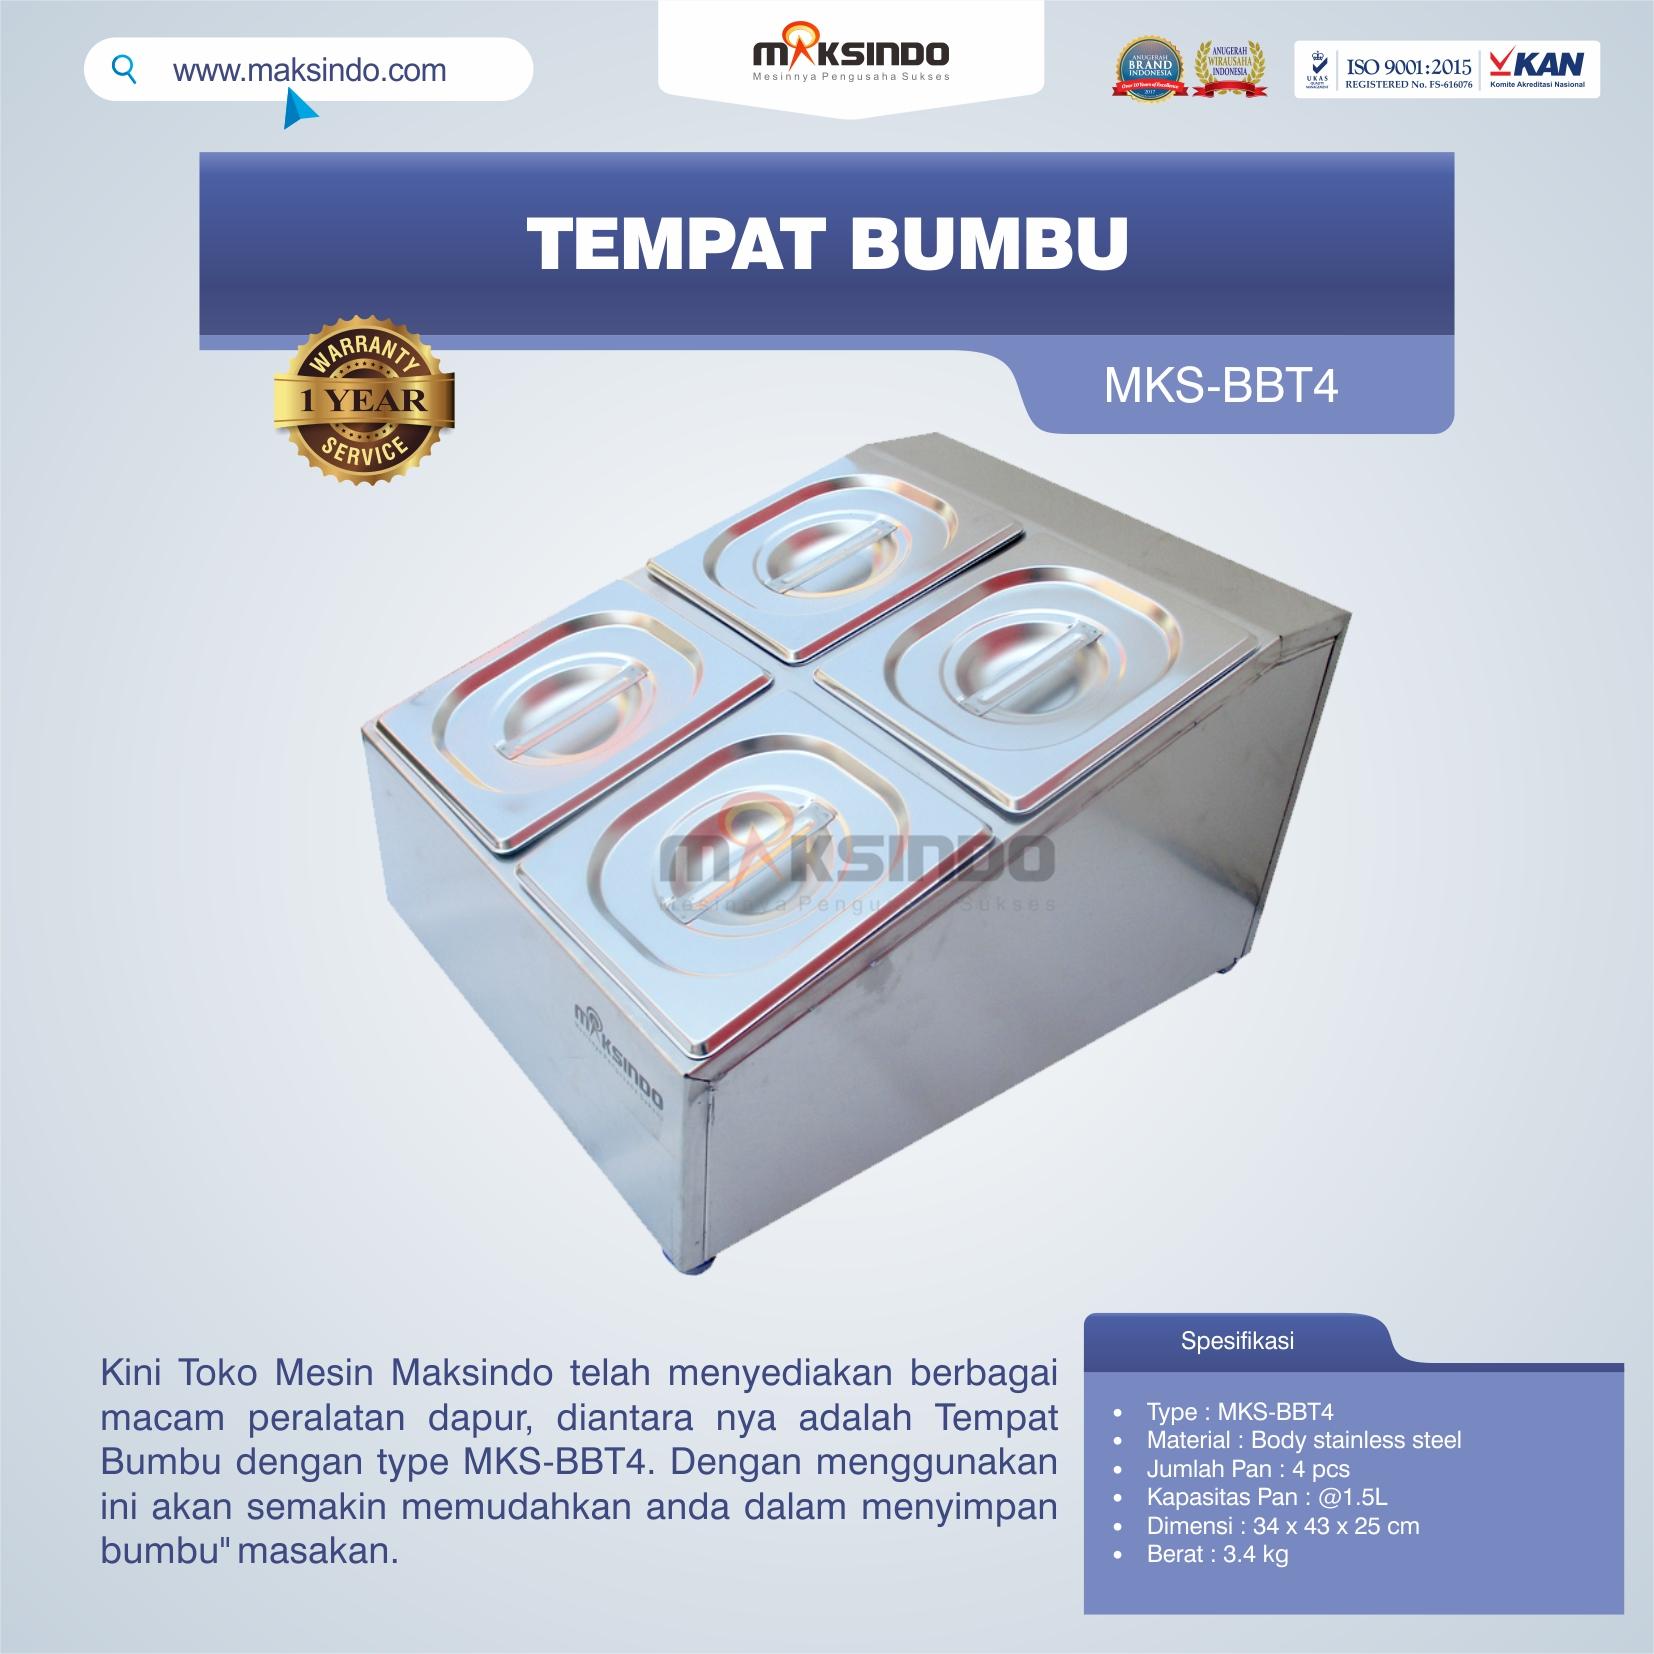 Jual Tempat Bumbu MKS-BBT4 di Medan